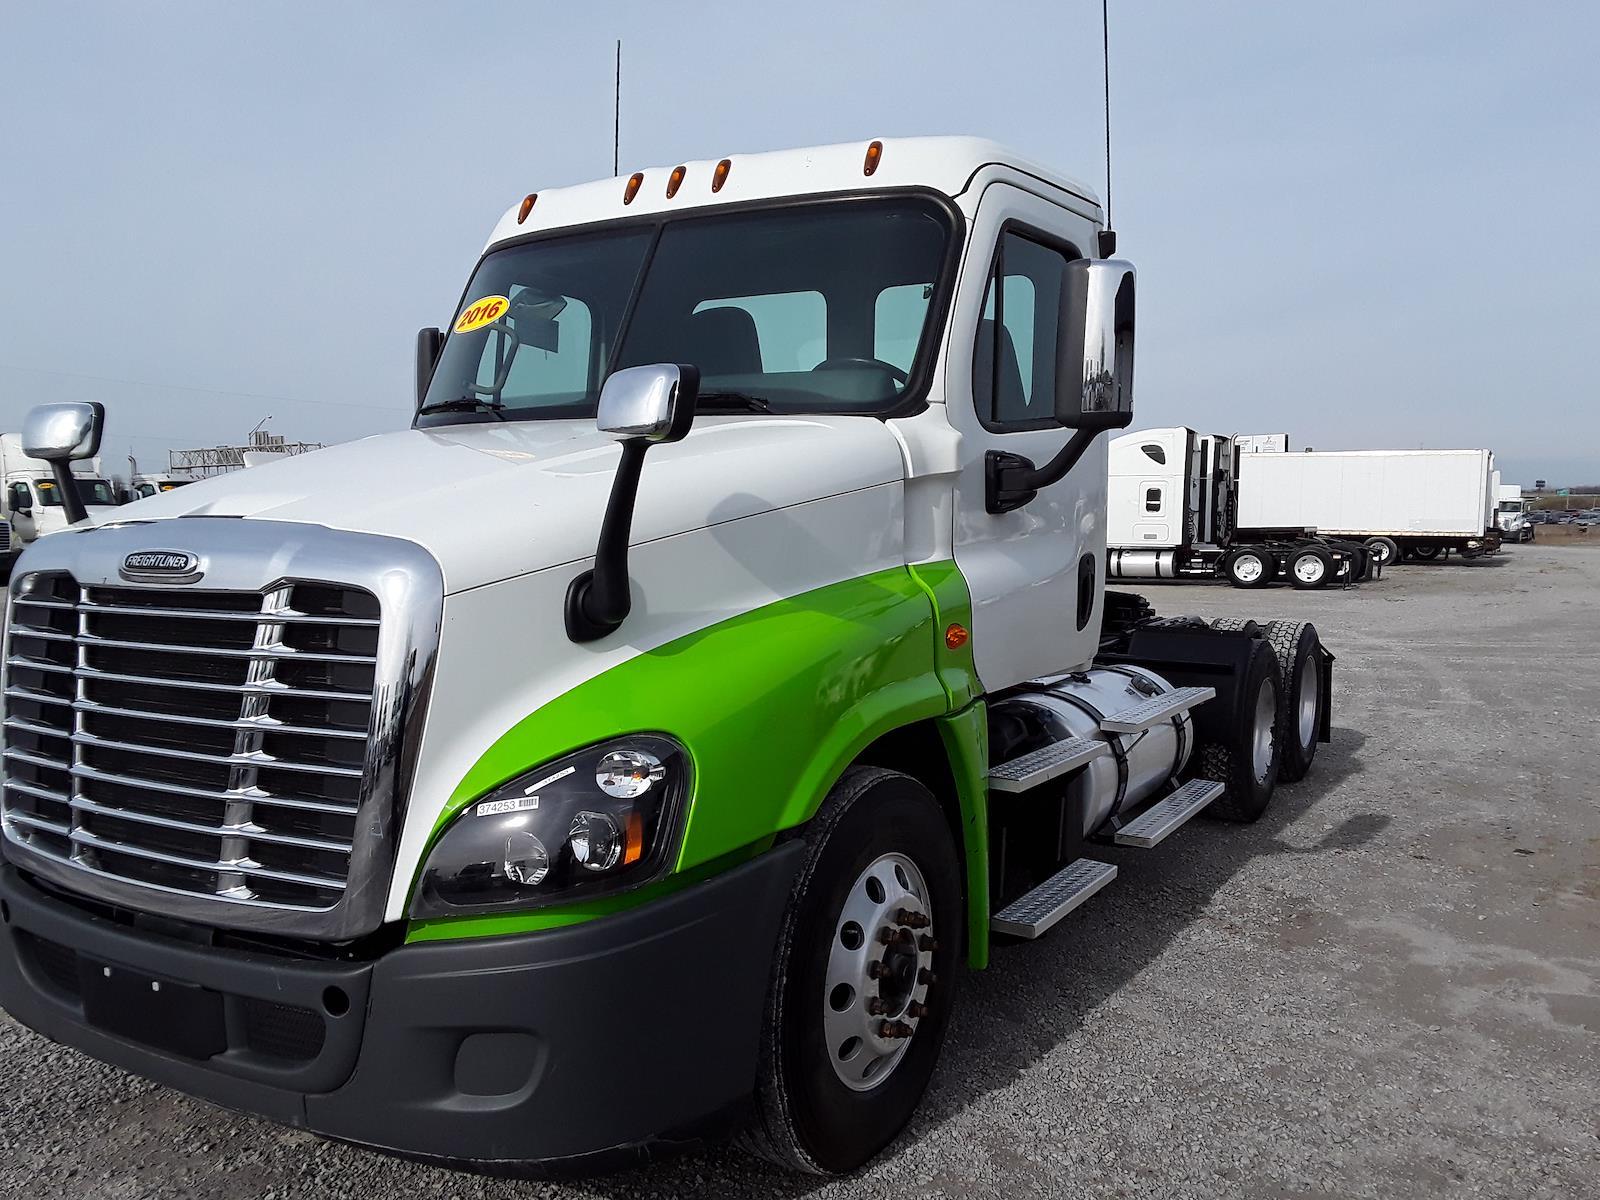 2016 Freightliner Truck 6x4, Tractor #374253 - photo 1